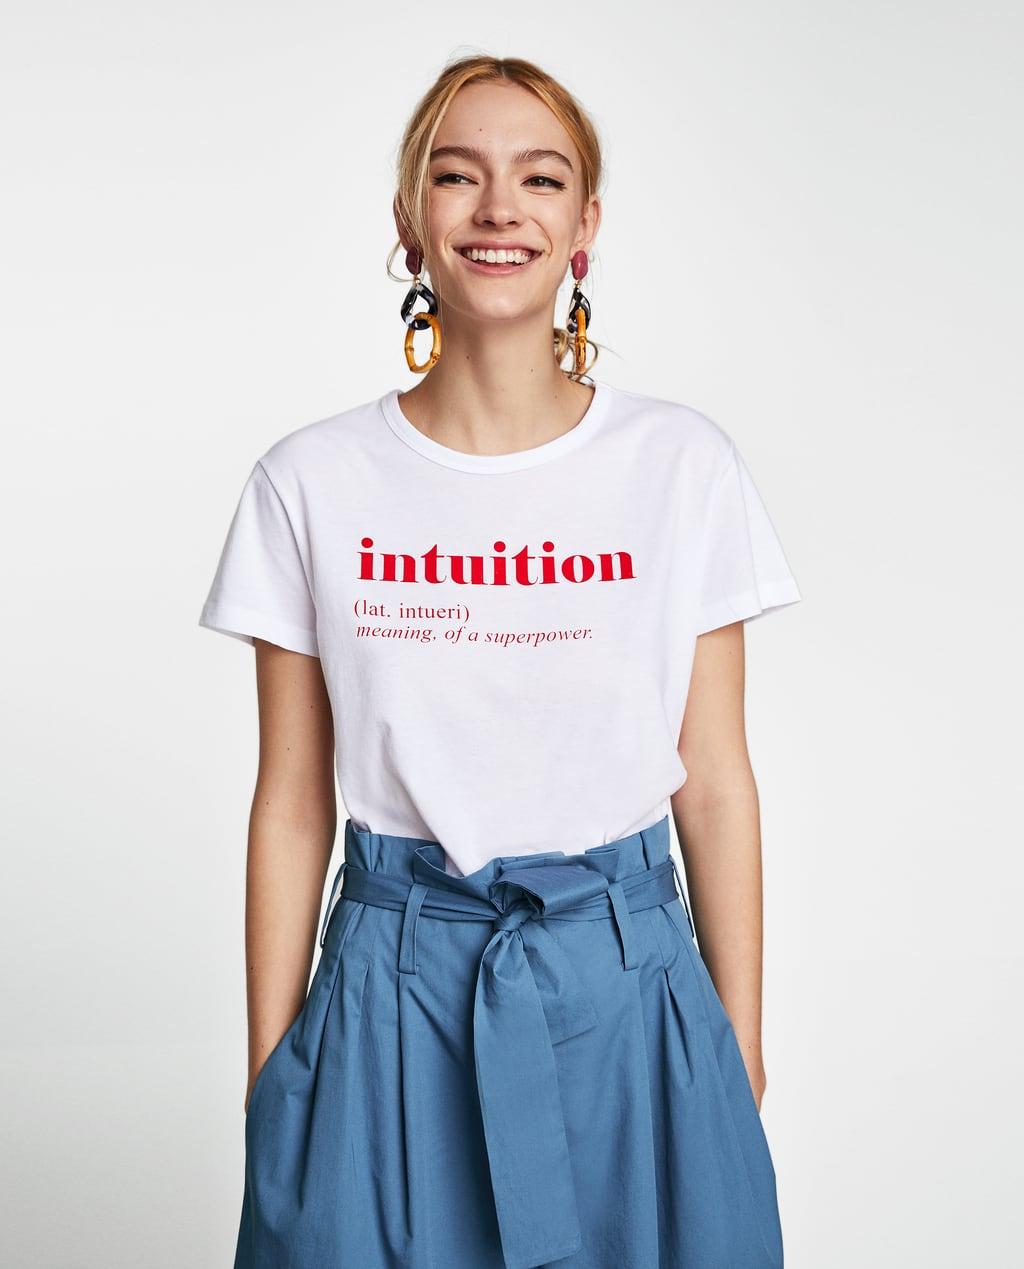 shirt-zara-intuition